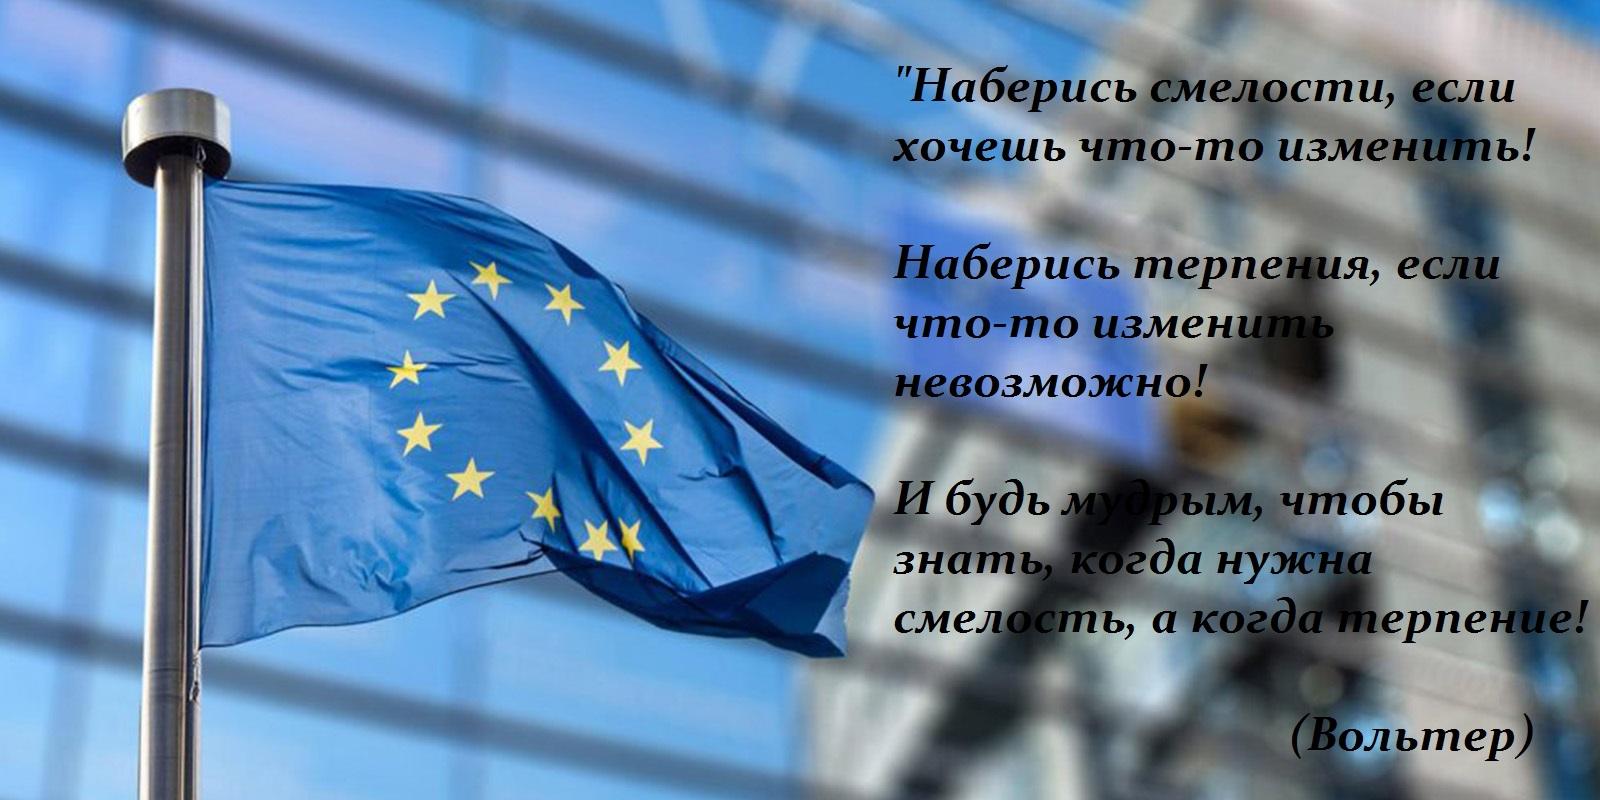 Не нужно сдавать экзамены на сдачу Румынского языка и конституции! Подача и получение документов с опытным Румынским адвокатом! Работаем без предоплат с оплатой по факту!